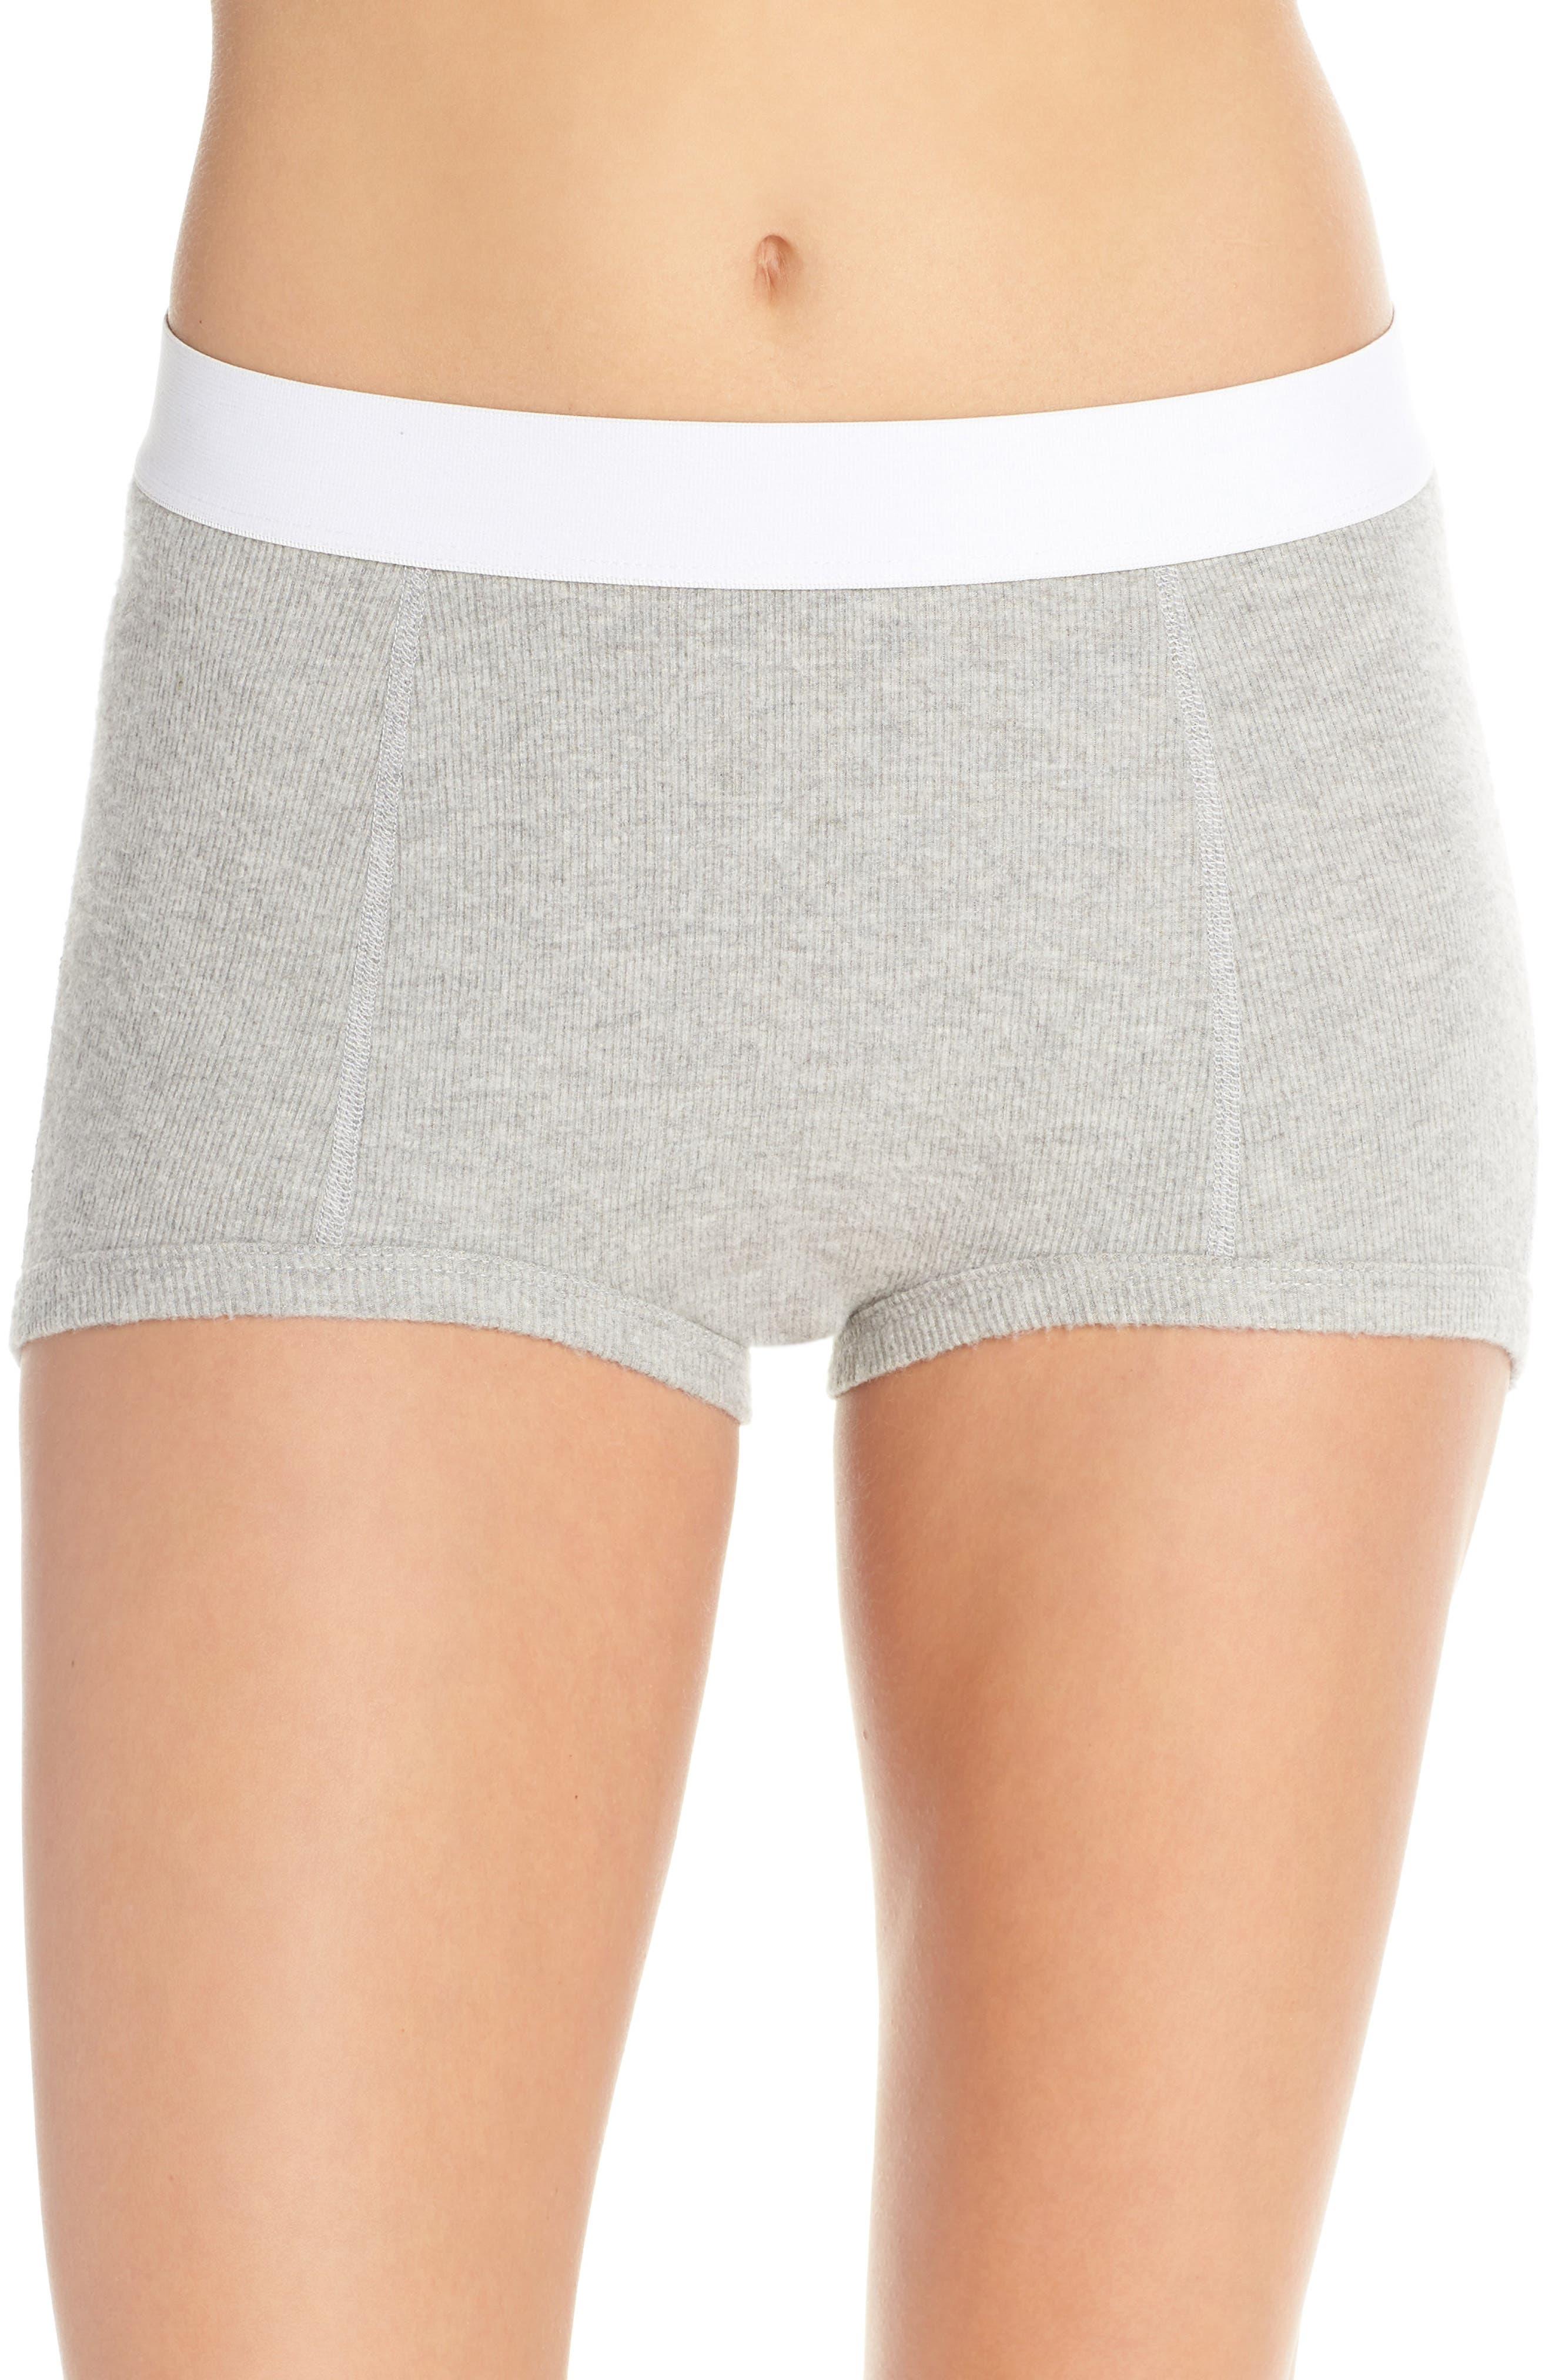 Peony Shorts,                         Main,                         color, 021